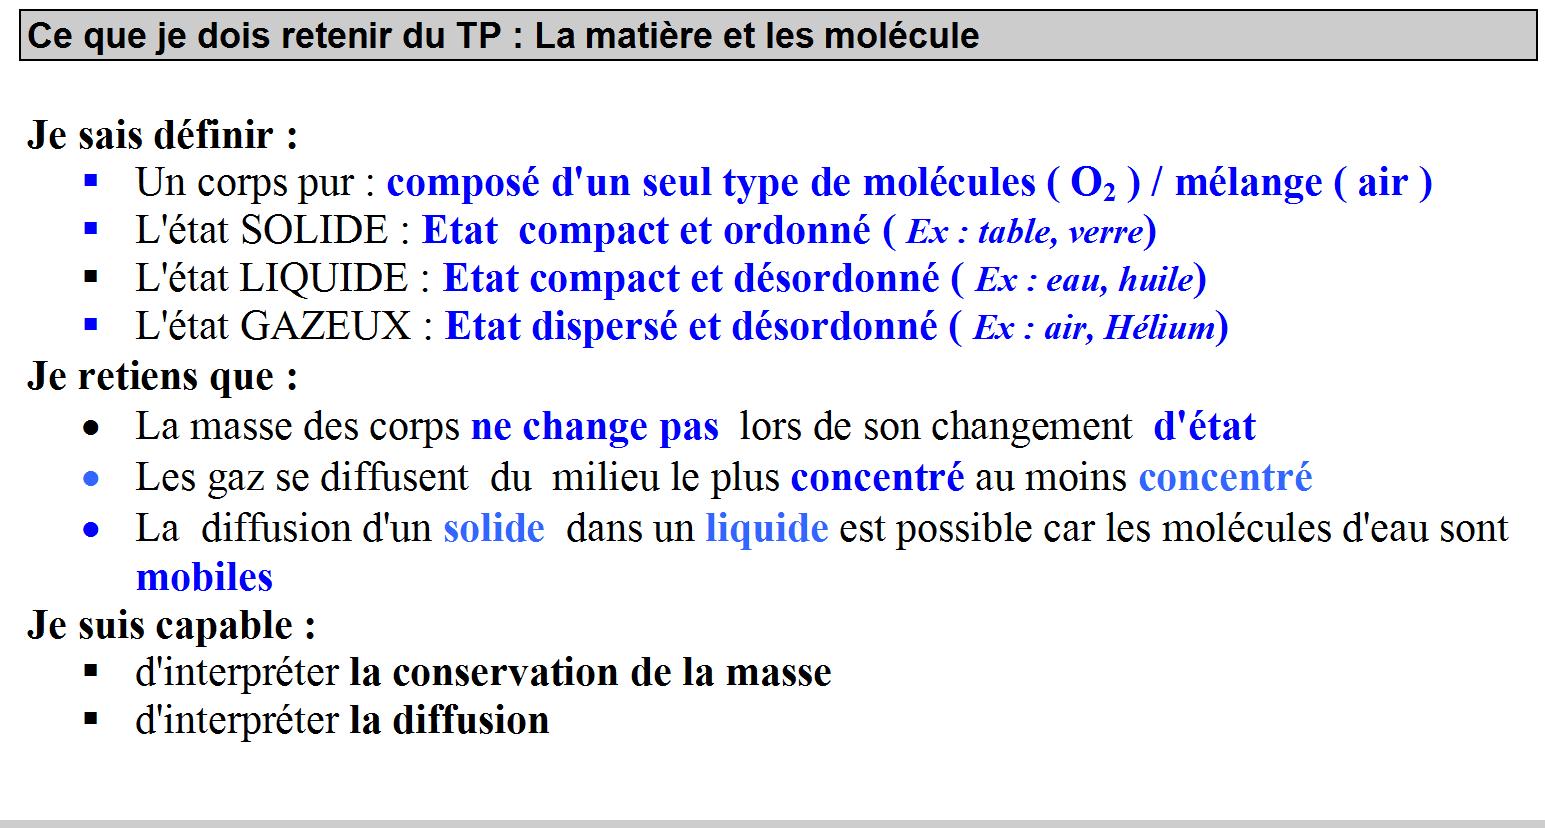 3 Matière et molécule - Sciences Physiques Collège ...